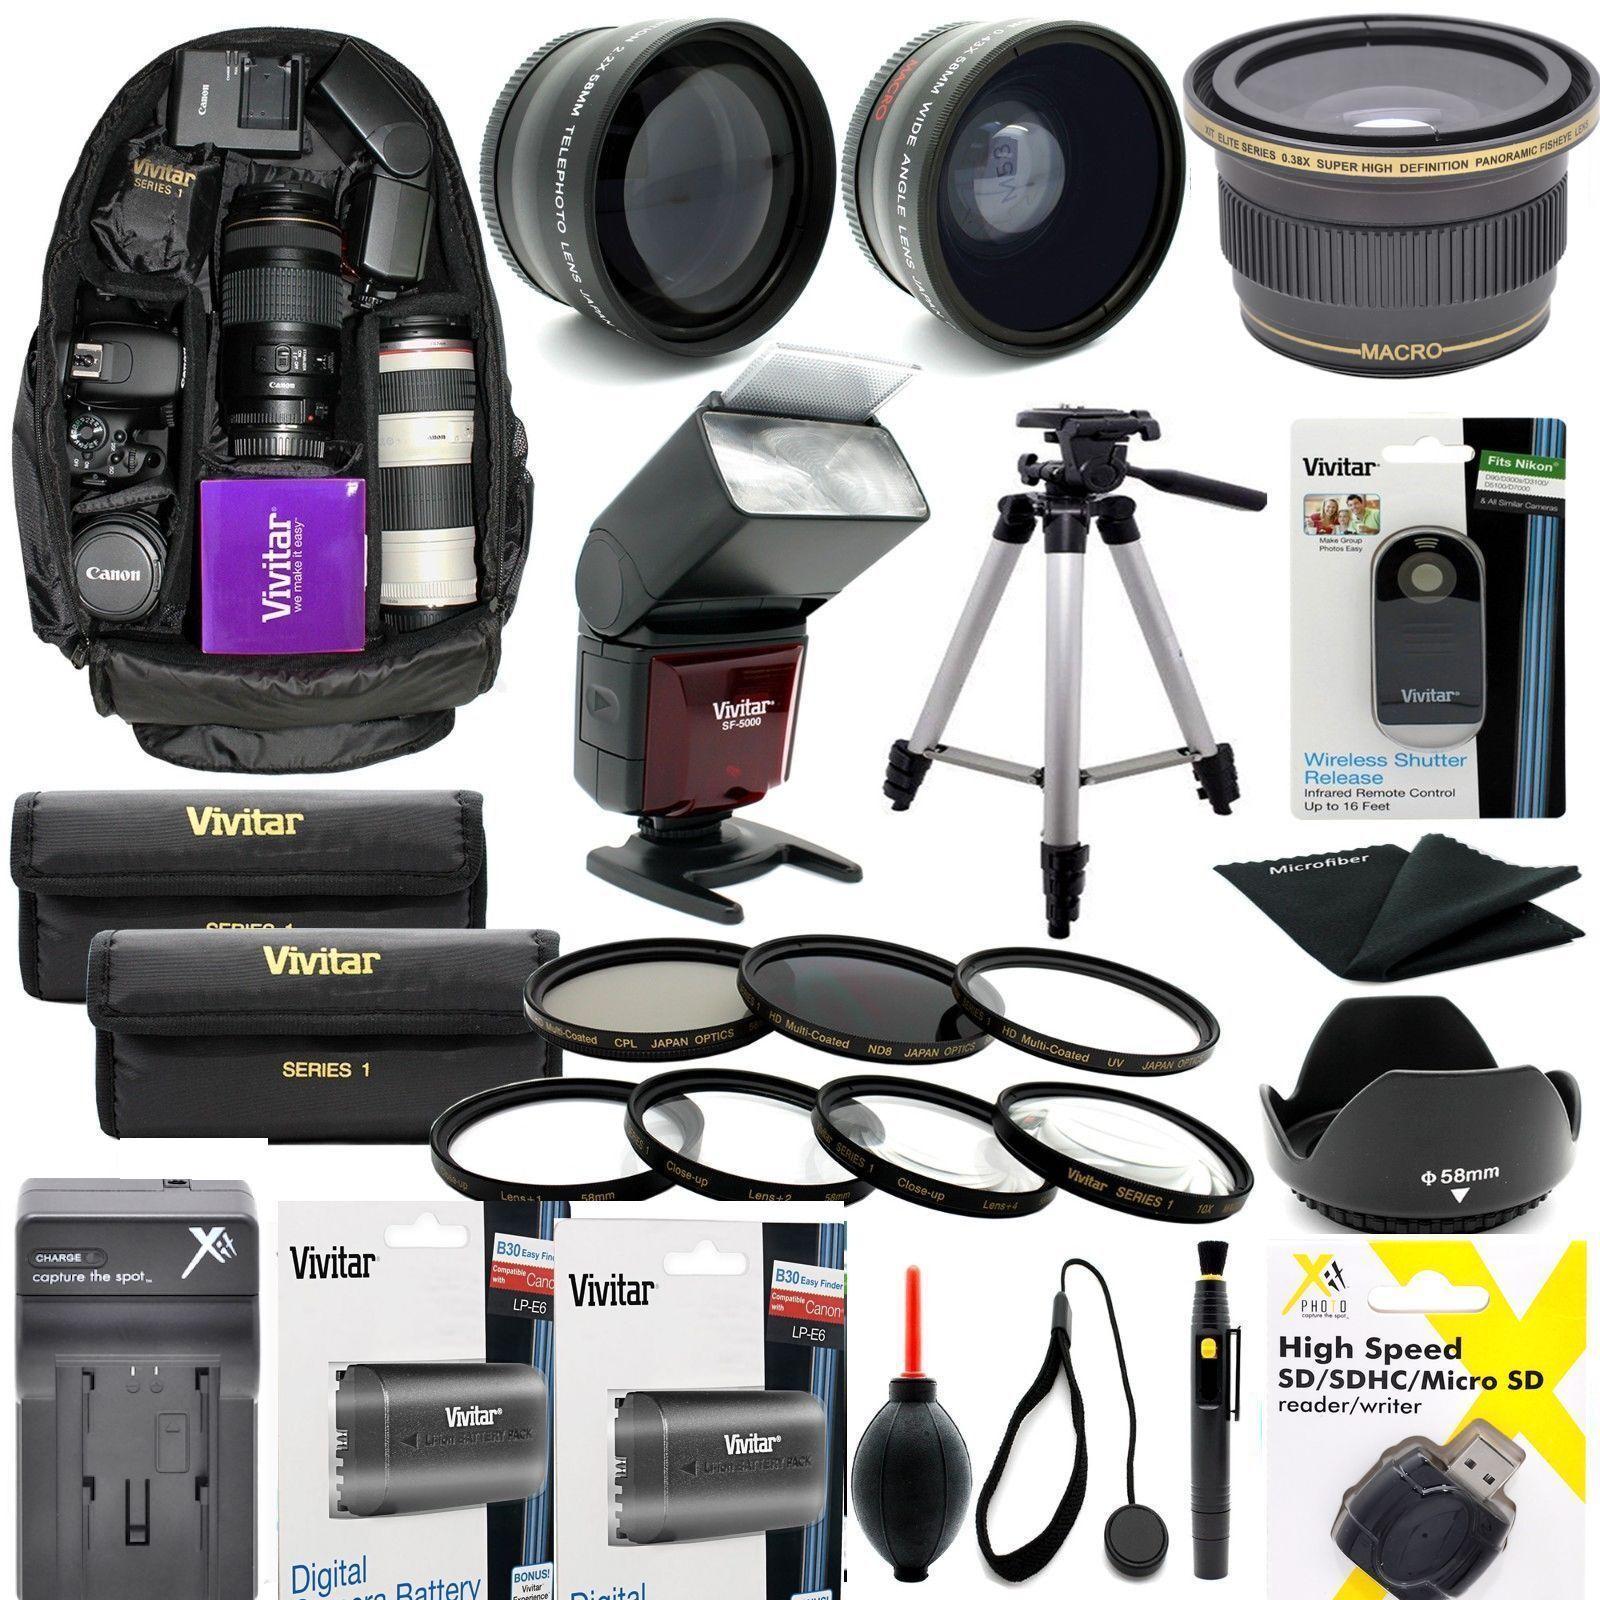 как выглядит Набор аксессуаров для фотоаппаратов или видеокамер CANON EOS REBEL 80D COMPLETE HD 58MM ACCESSORY KIT LENSES TRIPOD BACKPACK FLASH фото